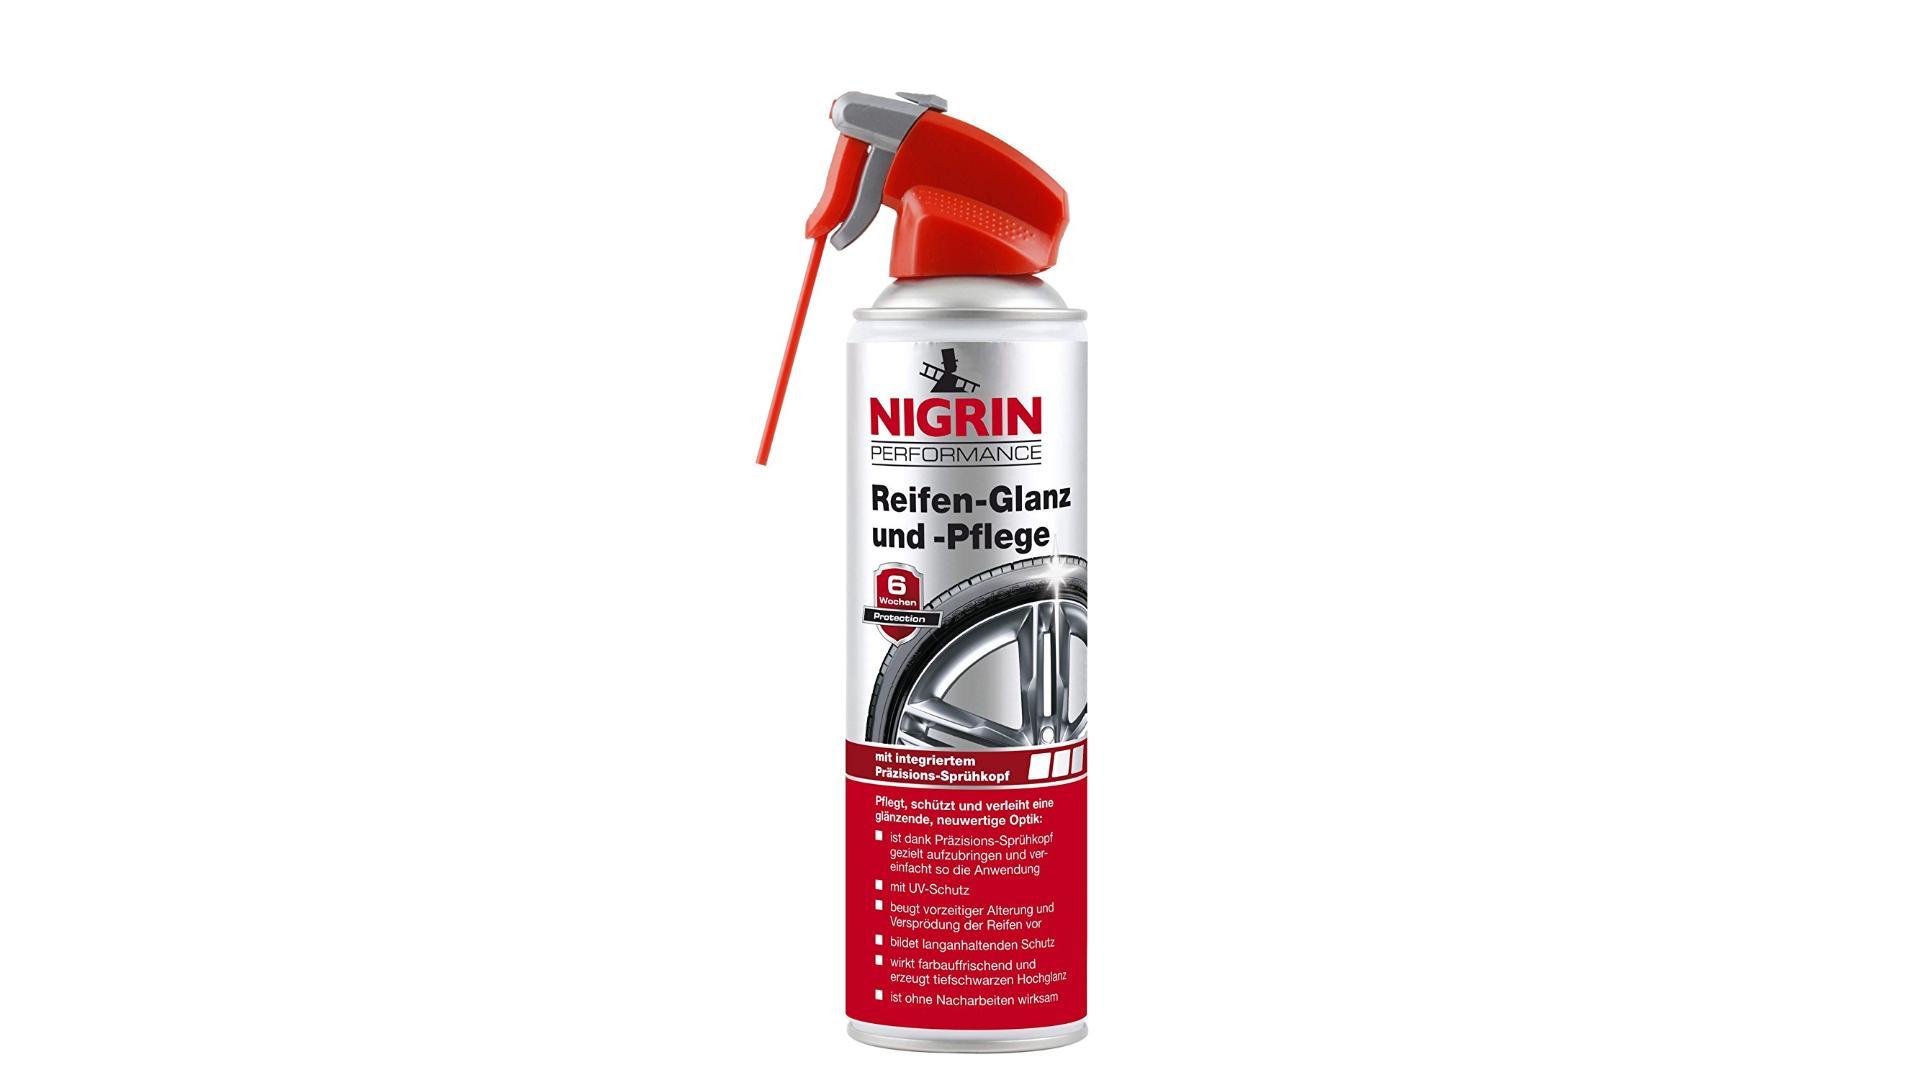 NIGRIN Prípravok na leštenie a ošetrenie pneumatík 500ml